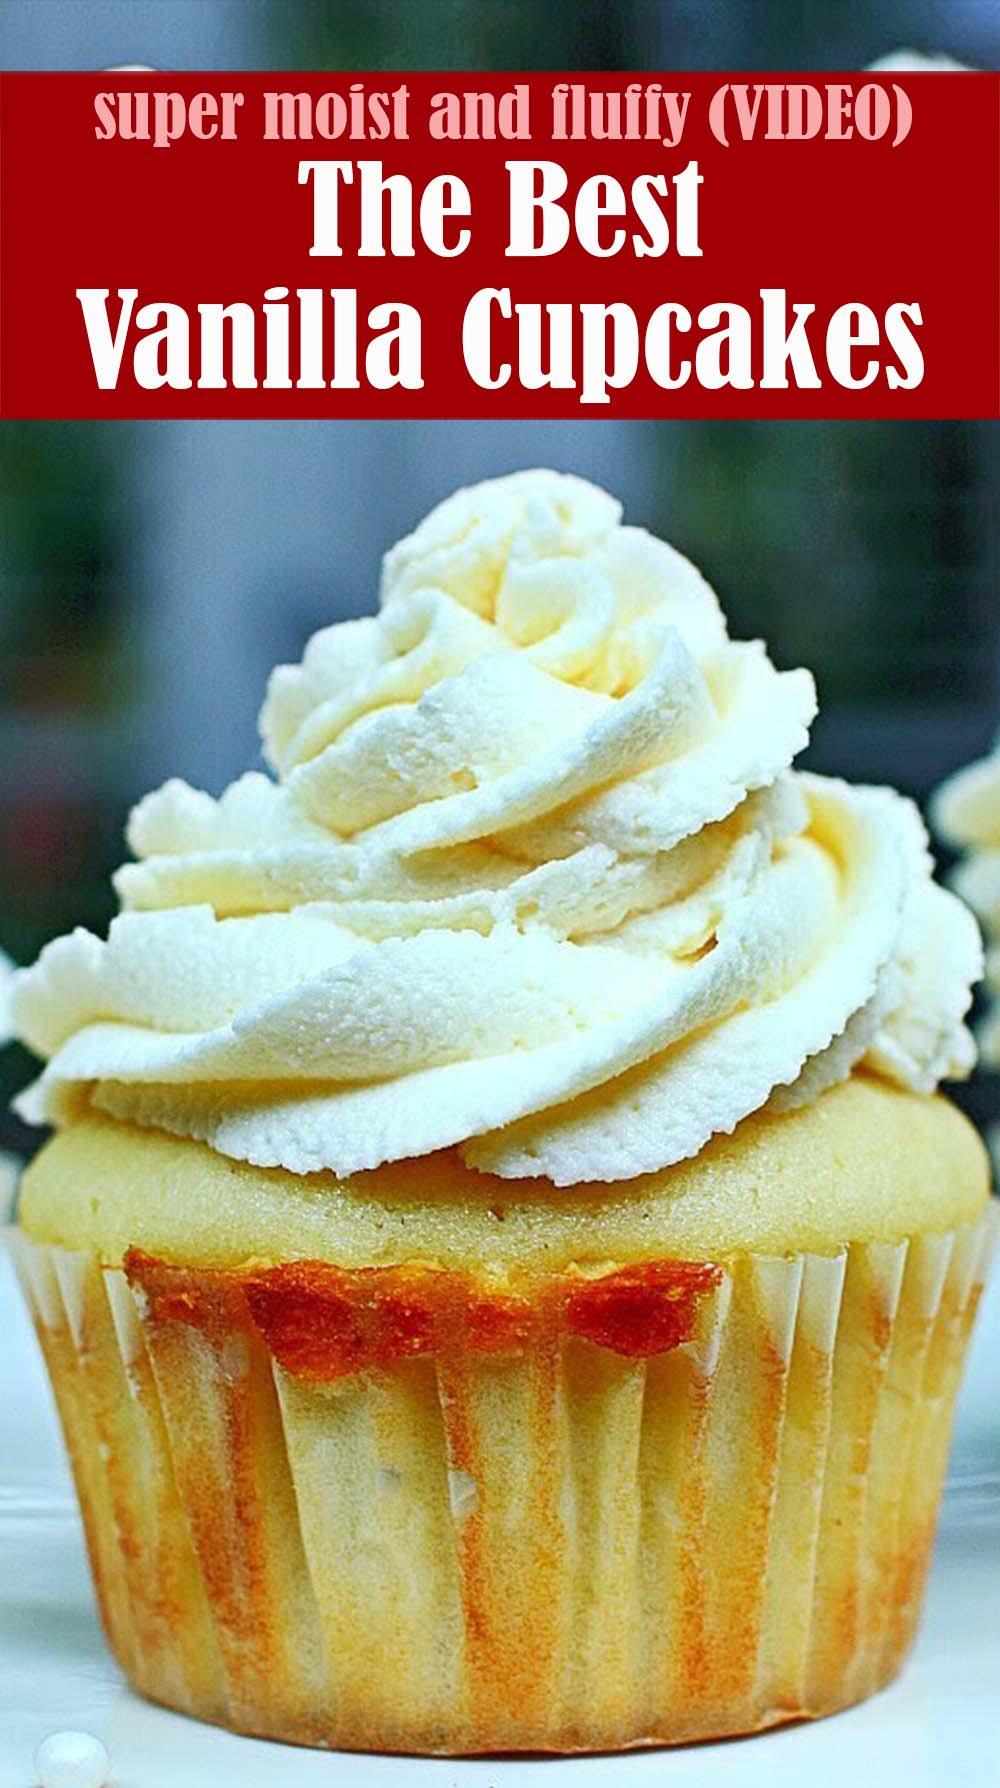 The Best Vanilla Cupcakes Recipe